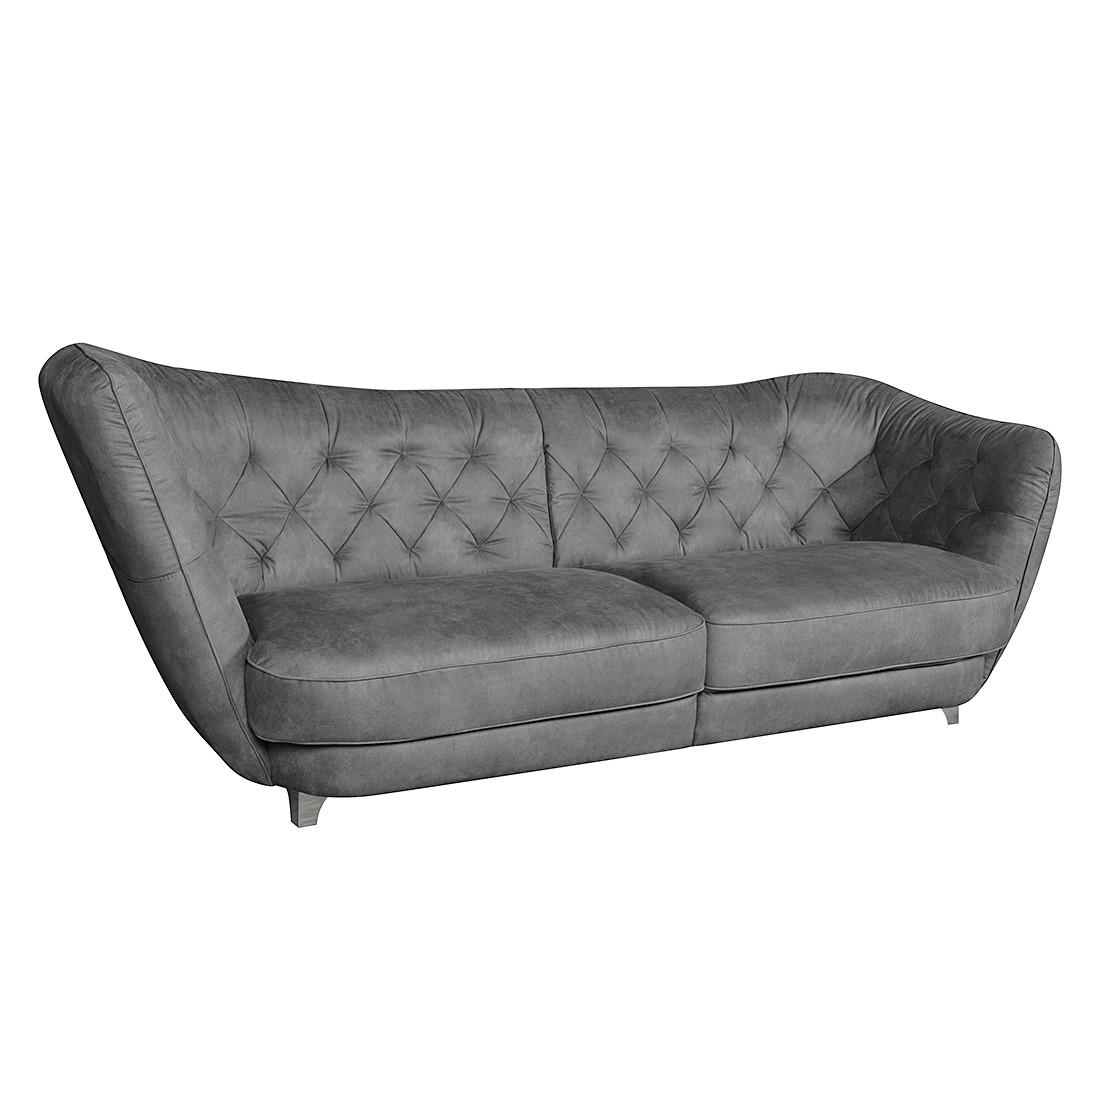 Grand canapé Ella - Microfibre gris - Accoudoir monté à gauche (vu de face) - Gris foncé, Cotta